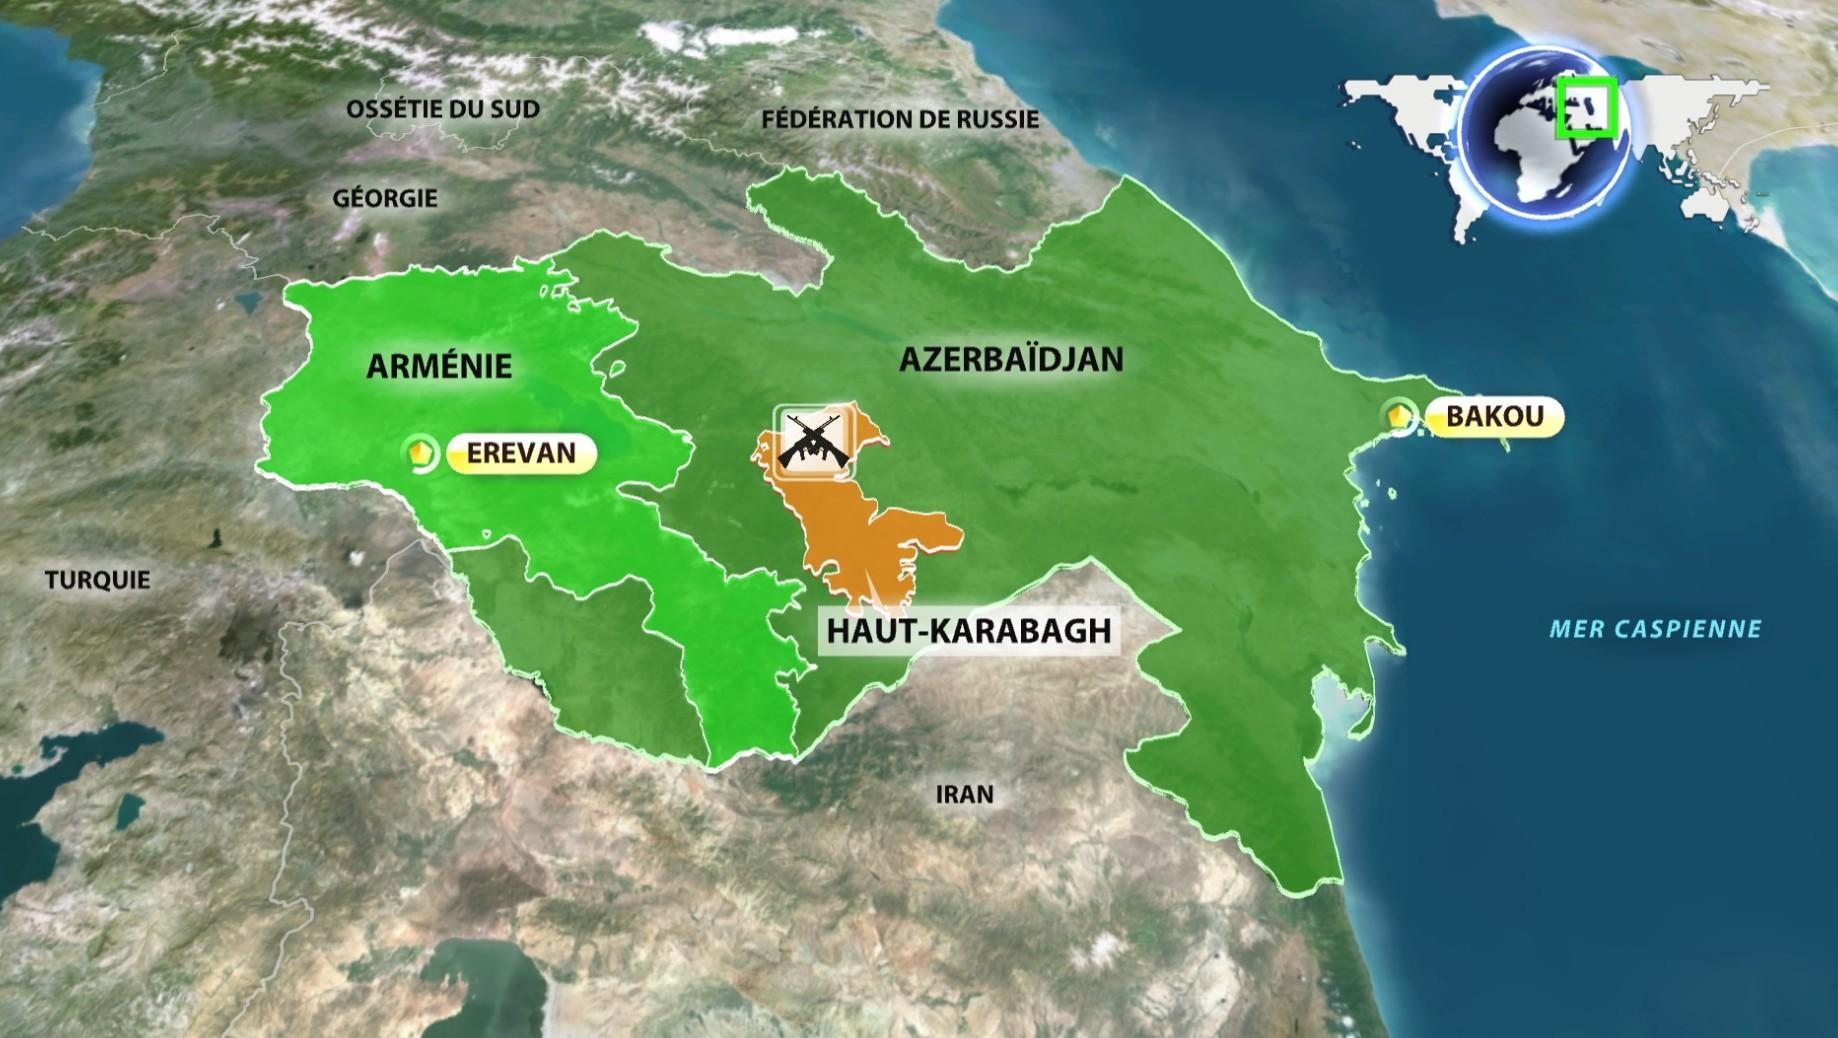 Escalade dans le Caucase ? L'Azerbaïdjan frappe le Haut-Karabagh et place son armée en état d'alerte